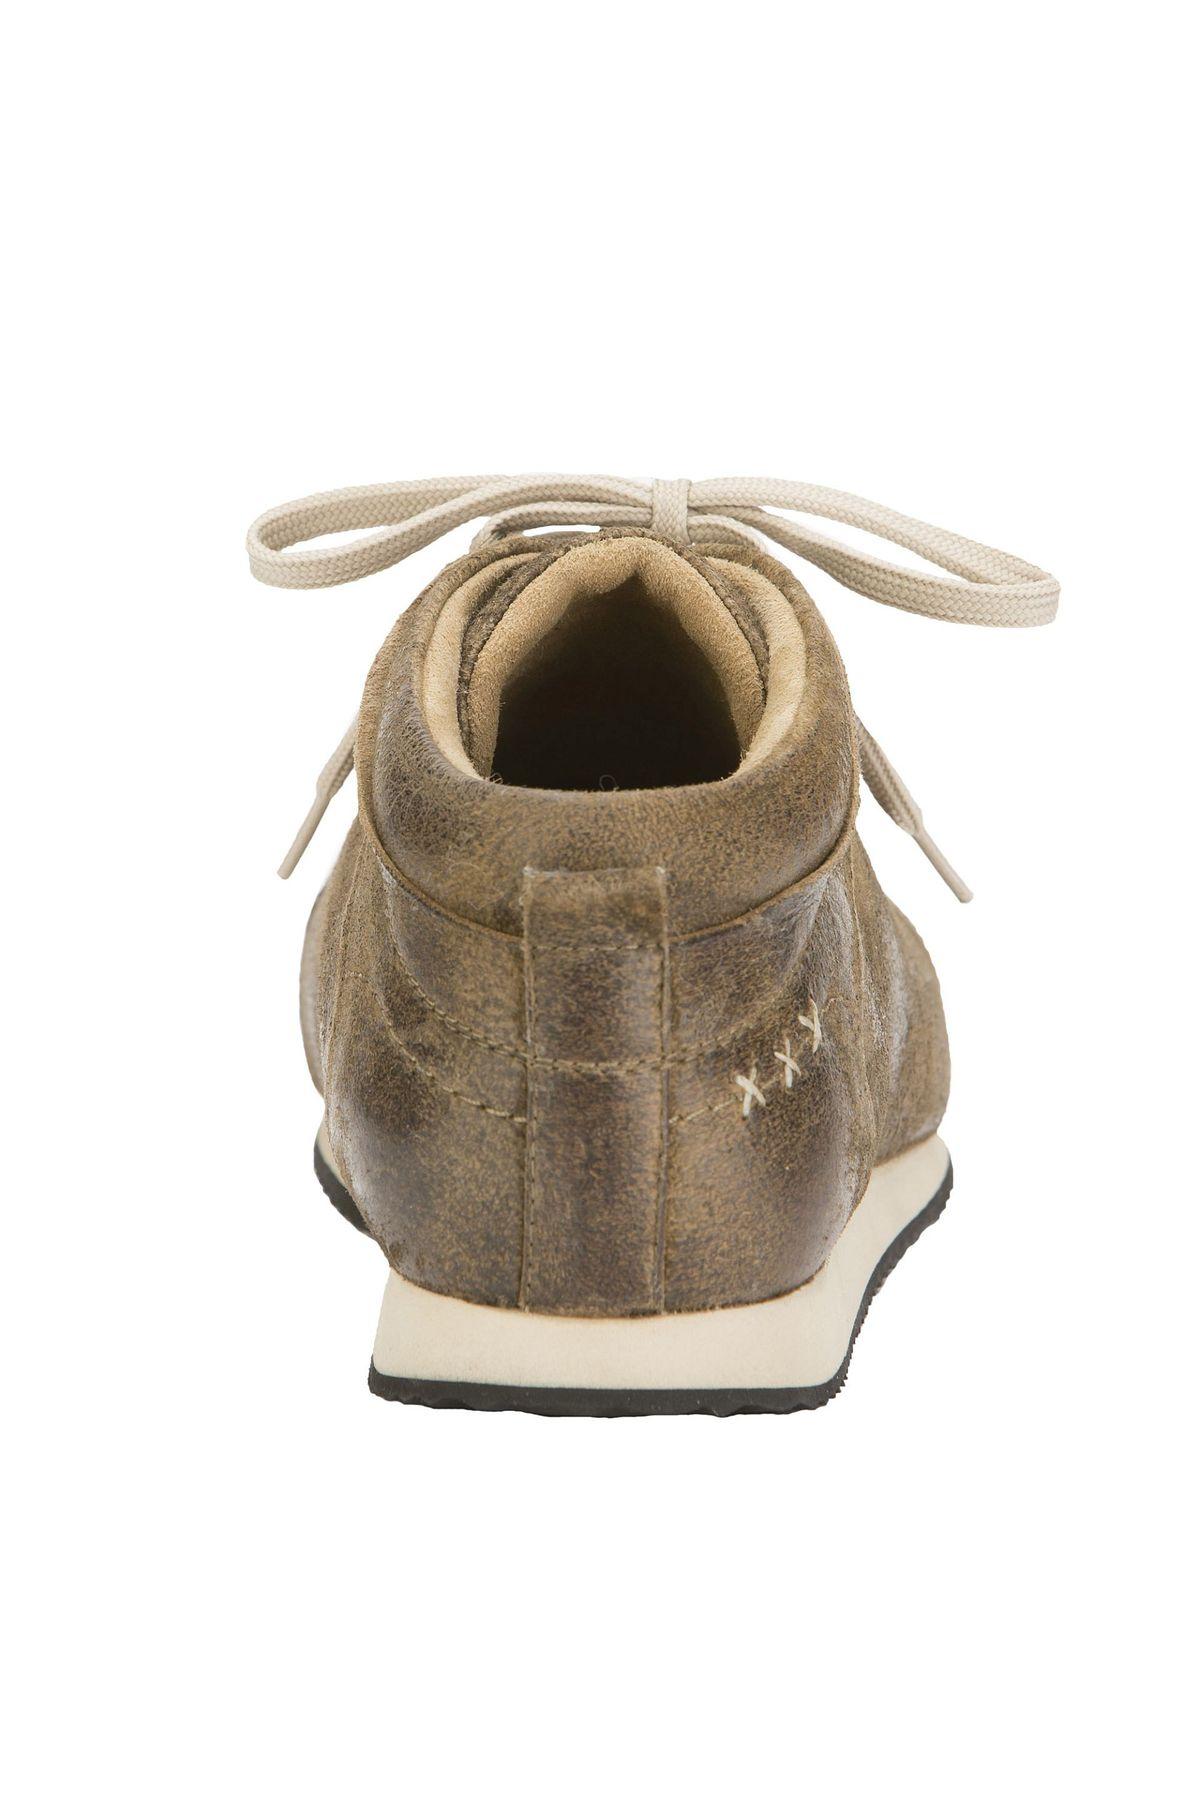 STOCKERPOINT - Herren Trachten Schuhe in Bison und Havanna, 1310 – Bild 2